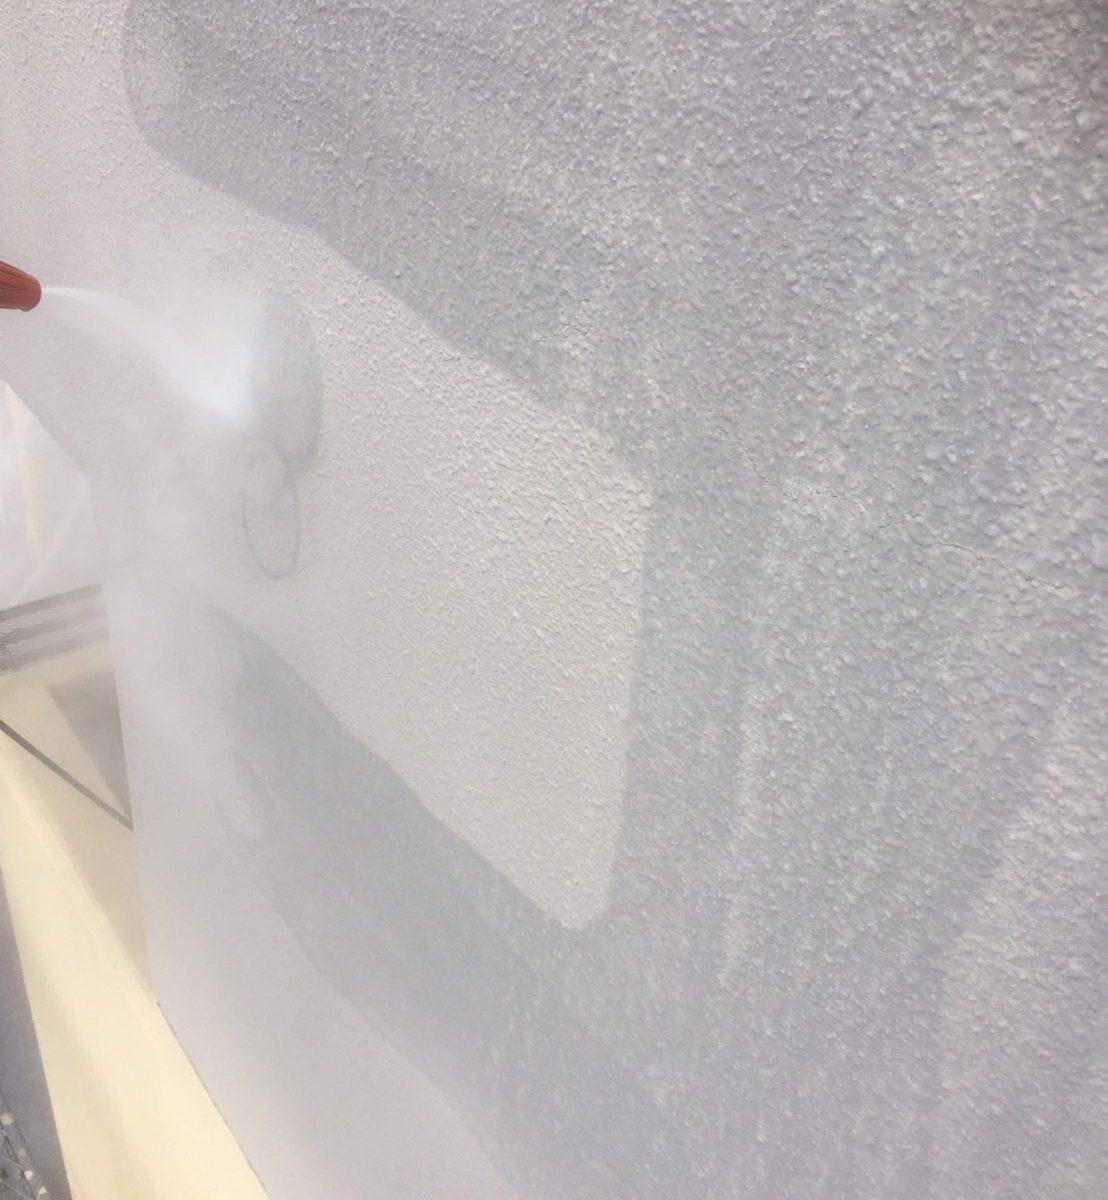 岡山市北区某マンション 高圧洗浄